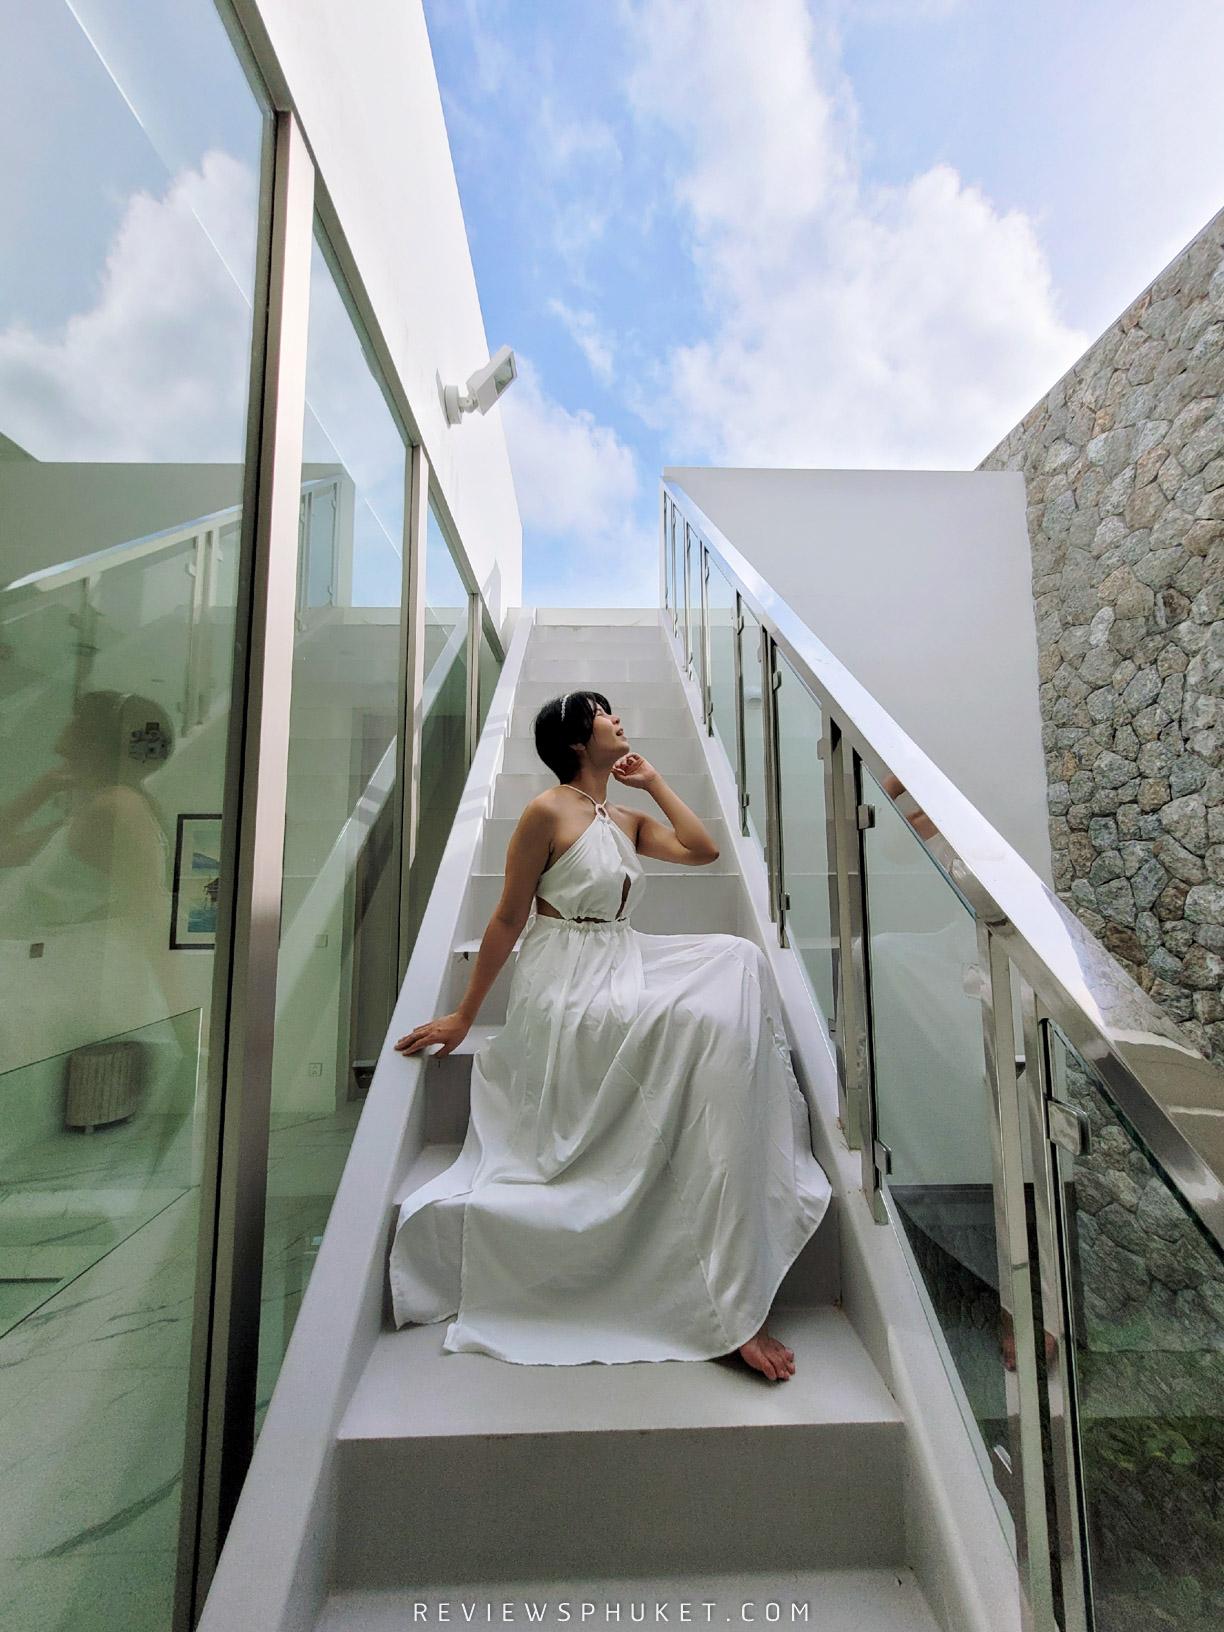 สไตล์มินิมอล บอกเลยว่ามาชุดไหนก็ถ่ายรูปสวย-แต่ที่สวยที่สุดต้องสีขาววว-เพราะรีสอร์ทวิลล่าเค้าสีขาวแบบว่าปังสุด paivilla,phuket,ที่พักภูเก็ต,สุดสวย